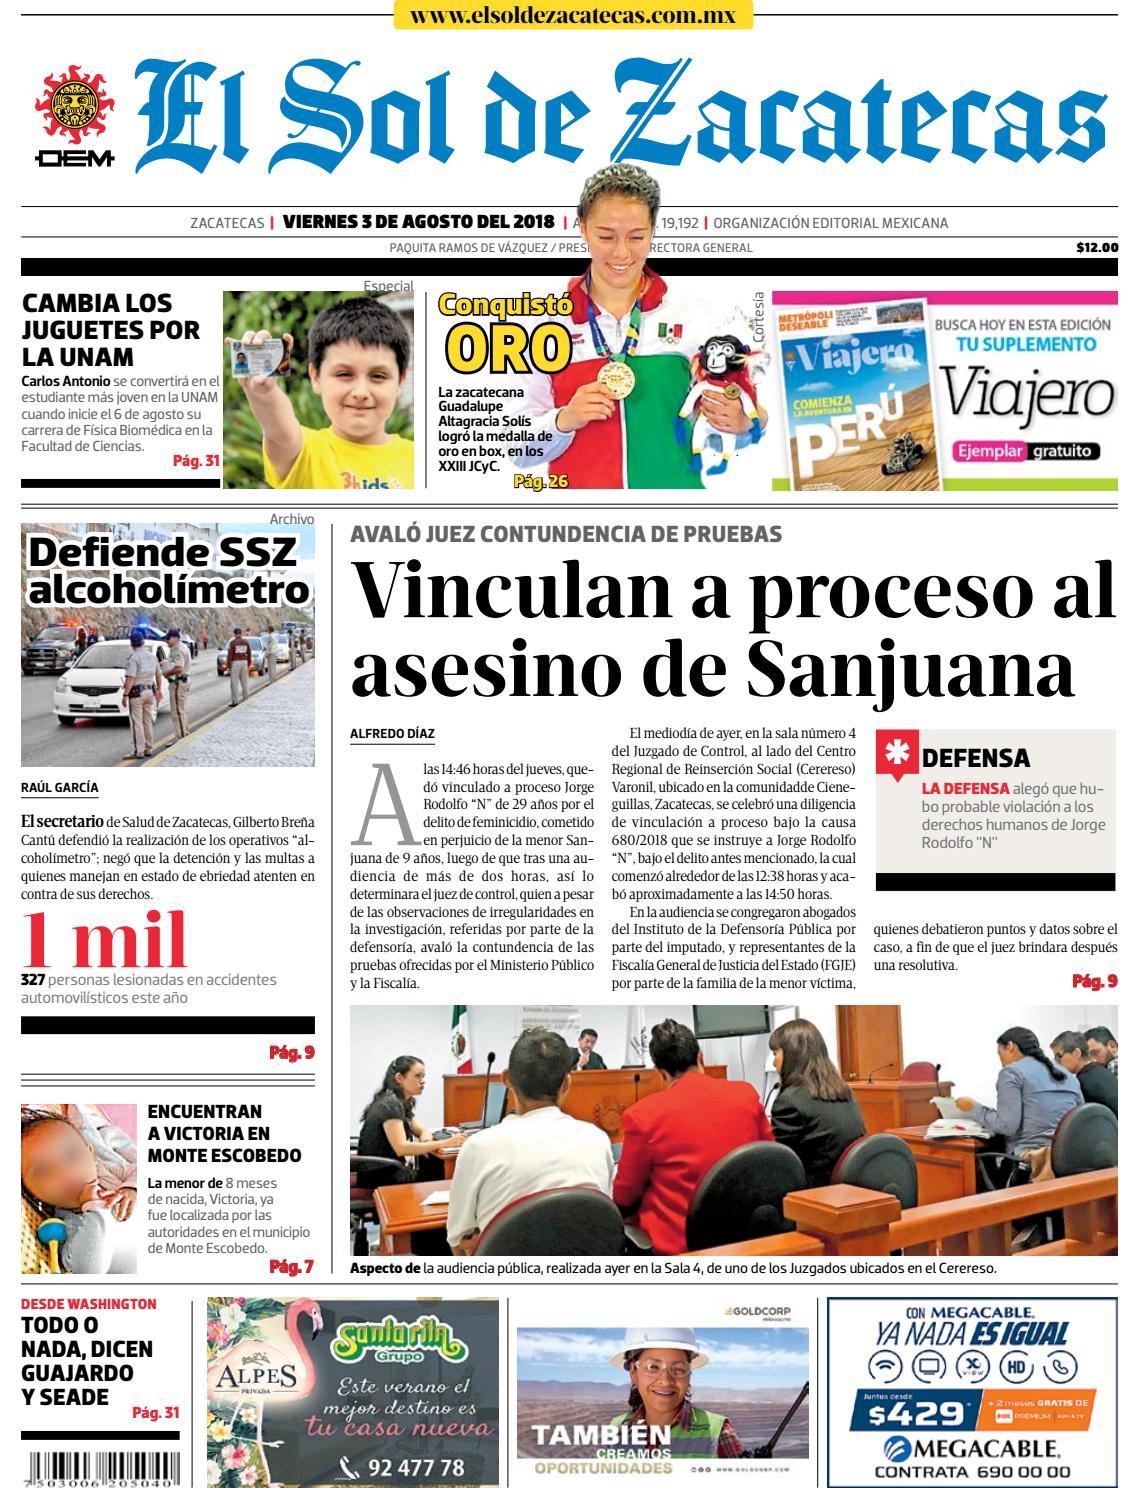 bcaa30fa3 El Sol de Zacatecas 3 de agosto 2018 by El Sol de Zacatecas - issuu